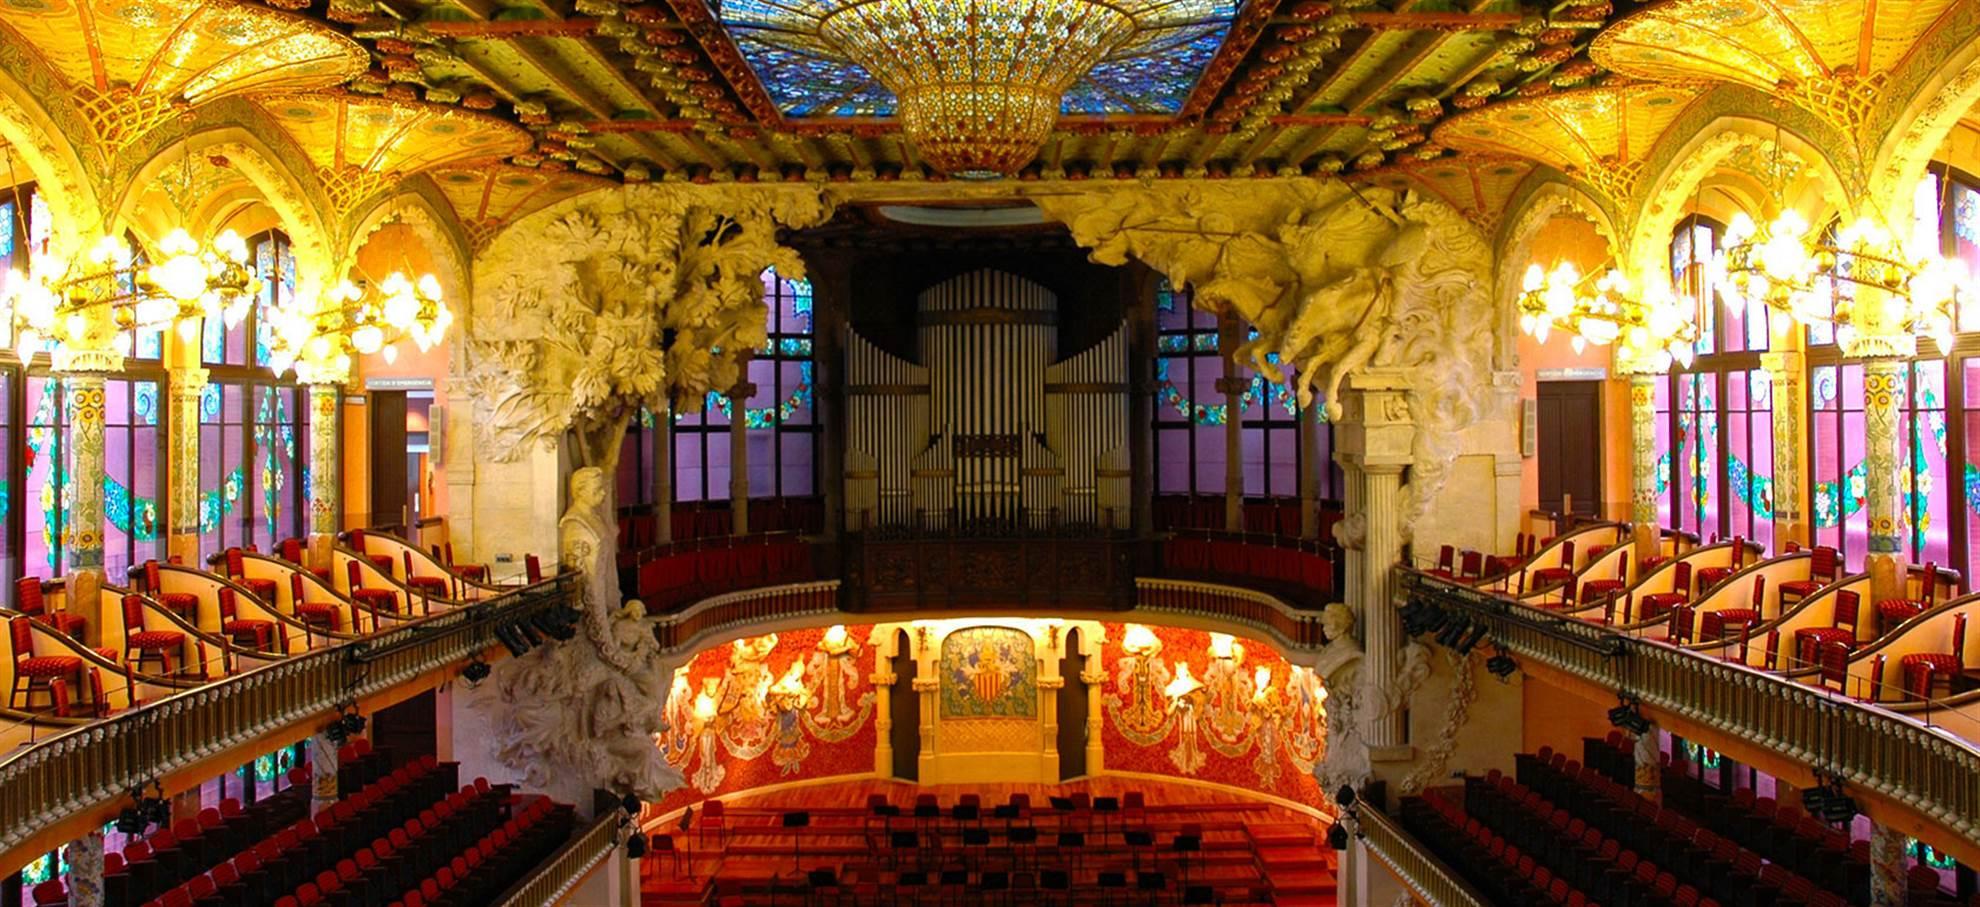 Palazzo della Musica Catalana